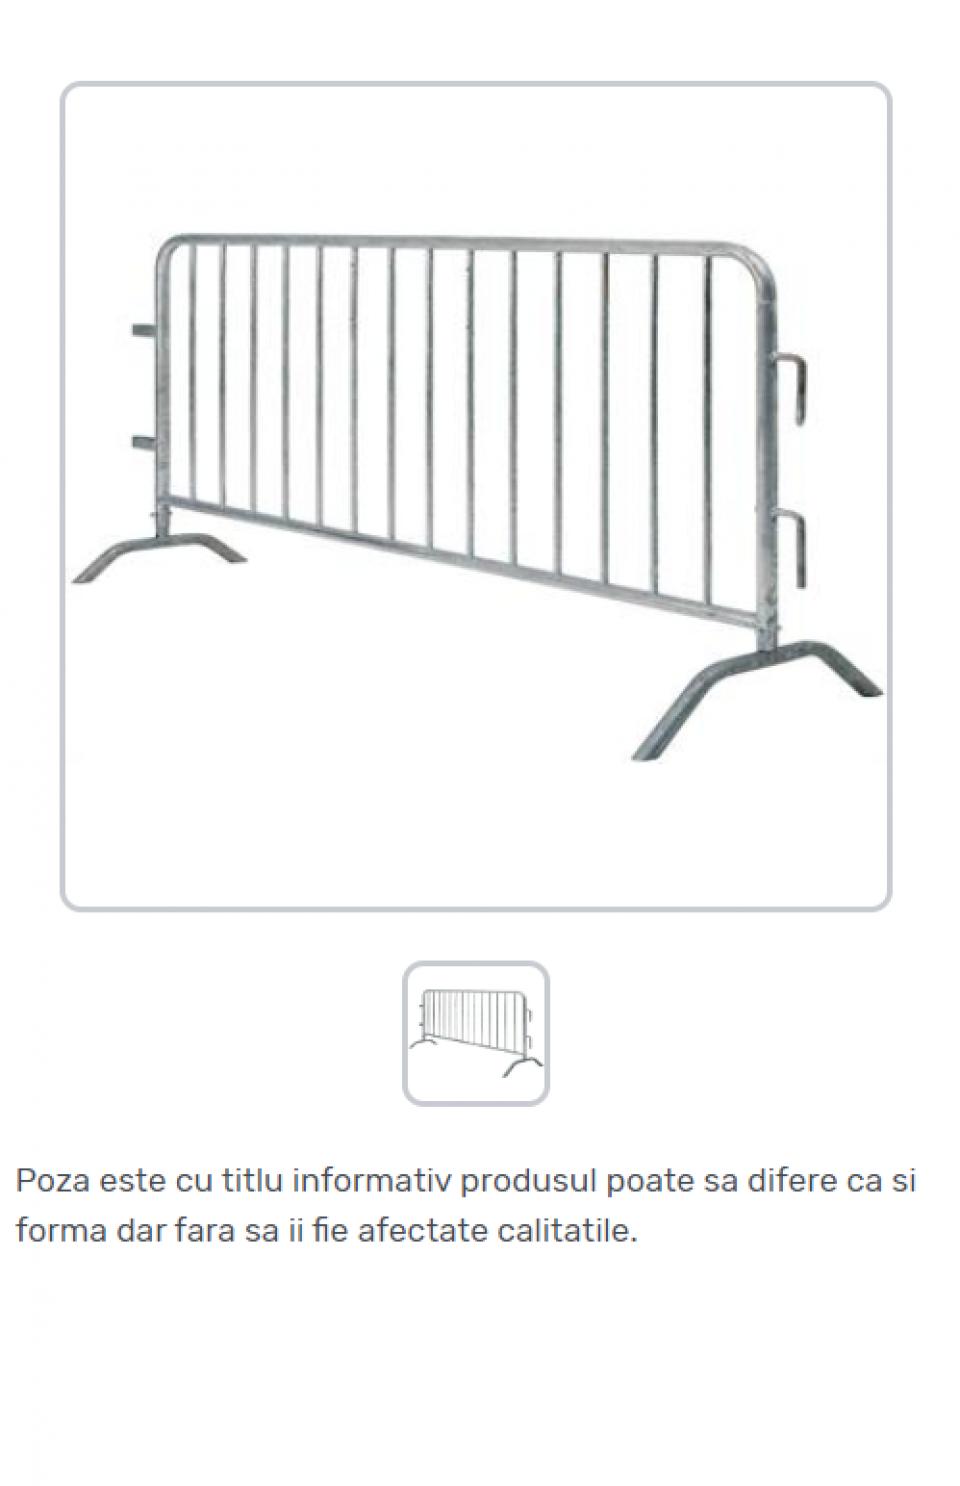 Garduri temporare pentru delimitare trafic tip jandarmerie42229